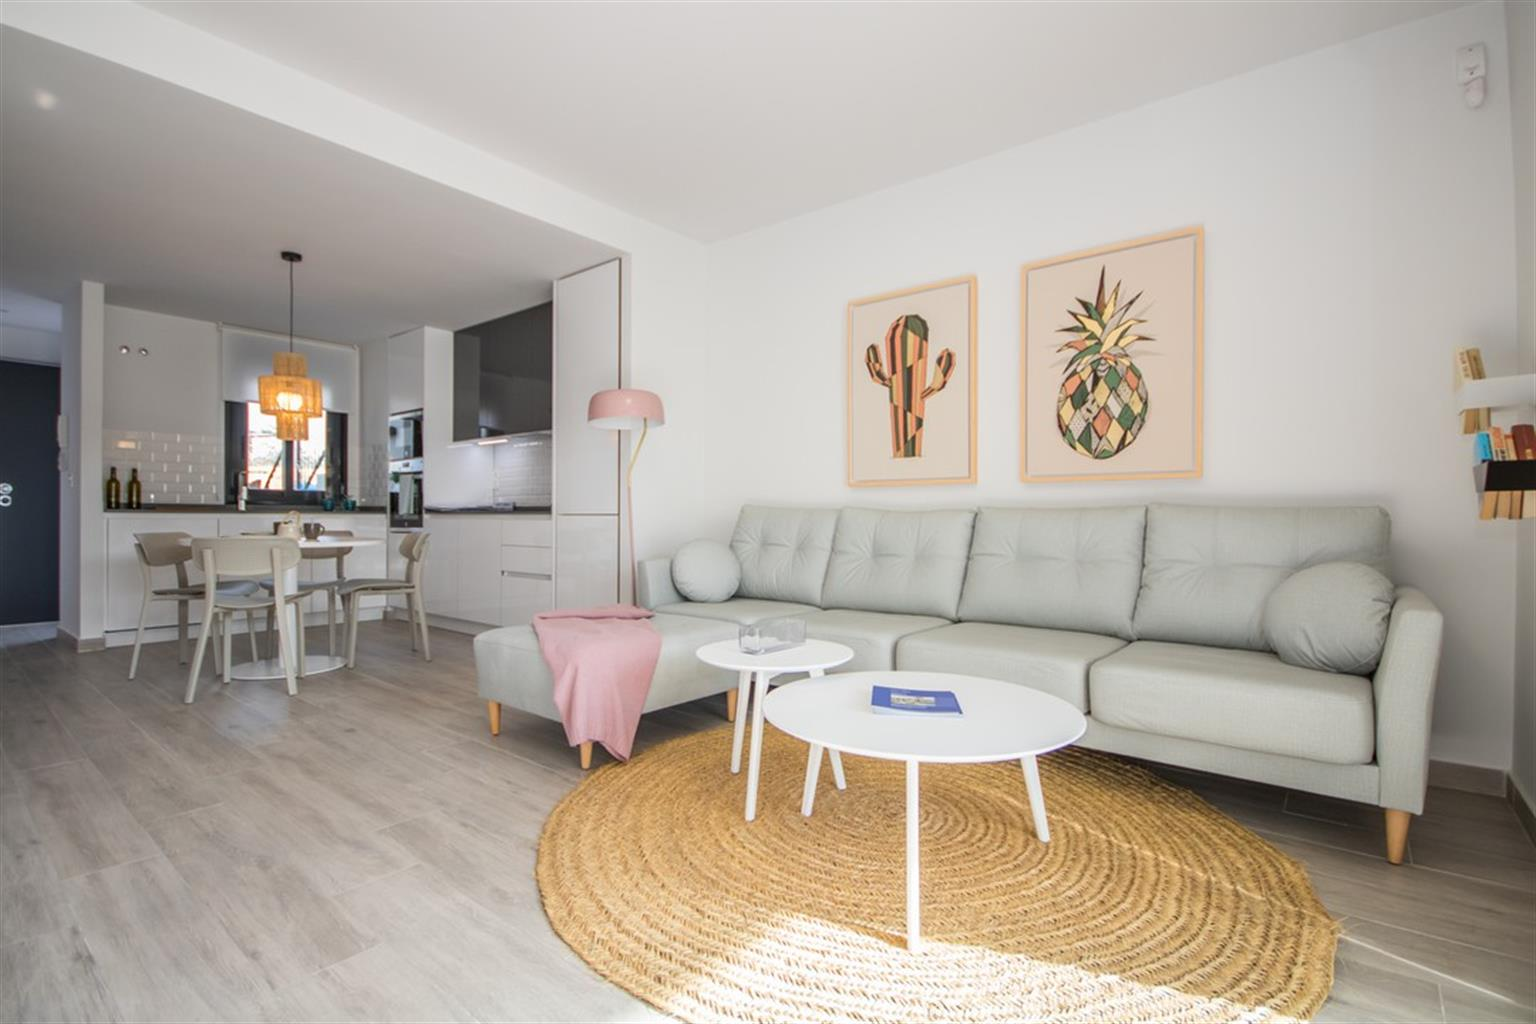 Appartement - San Miguel de salinas  - #4231523-1